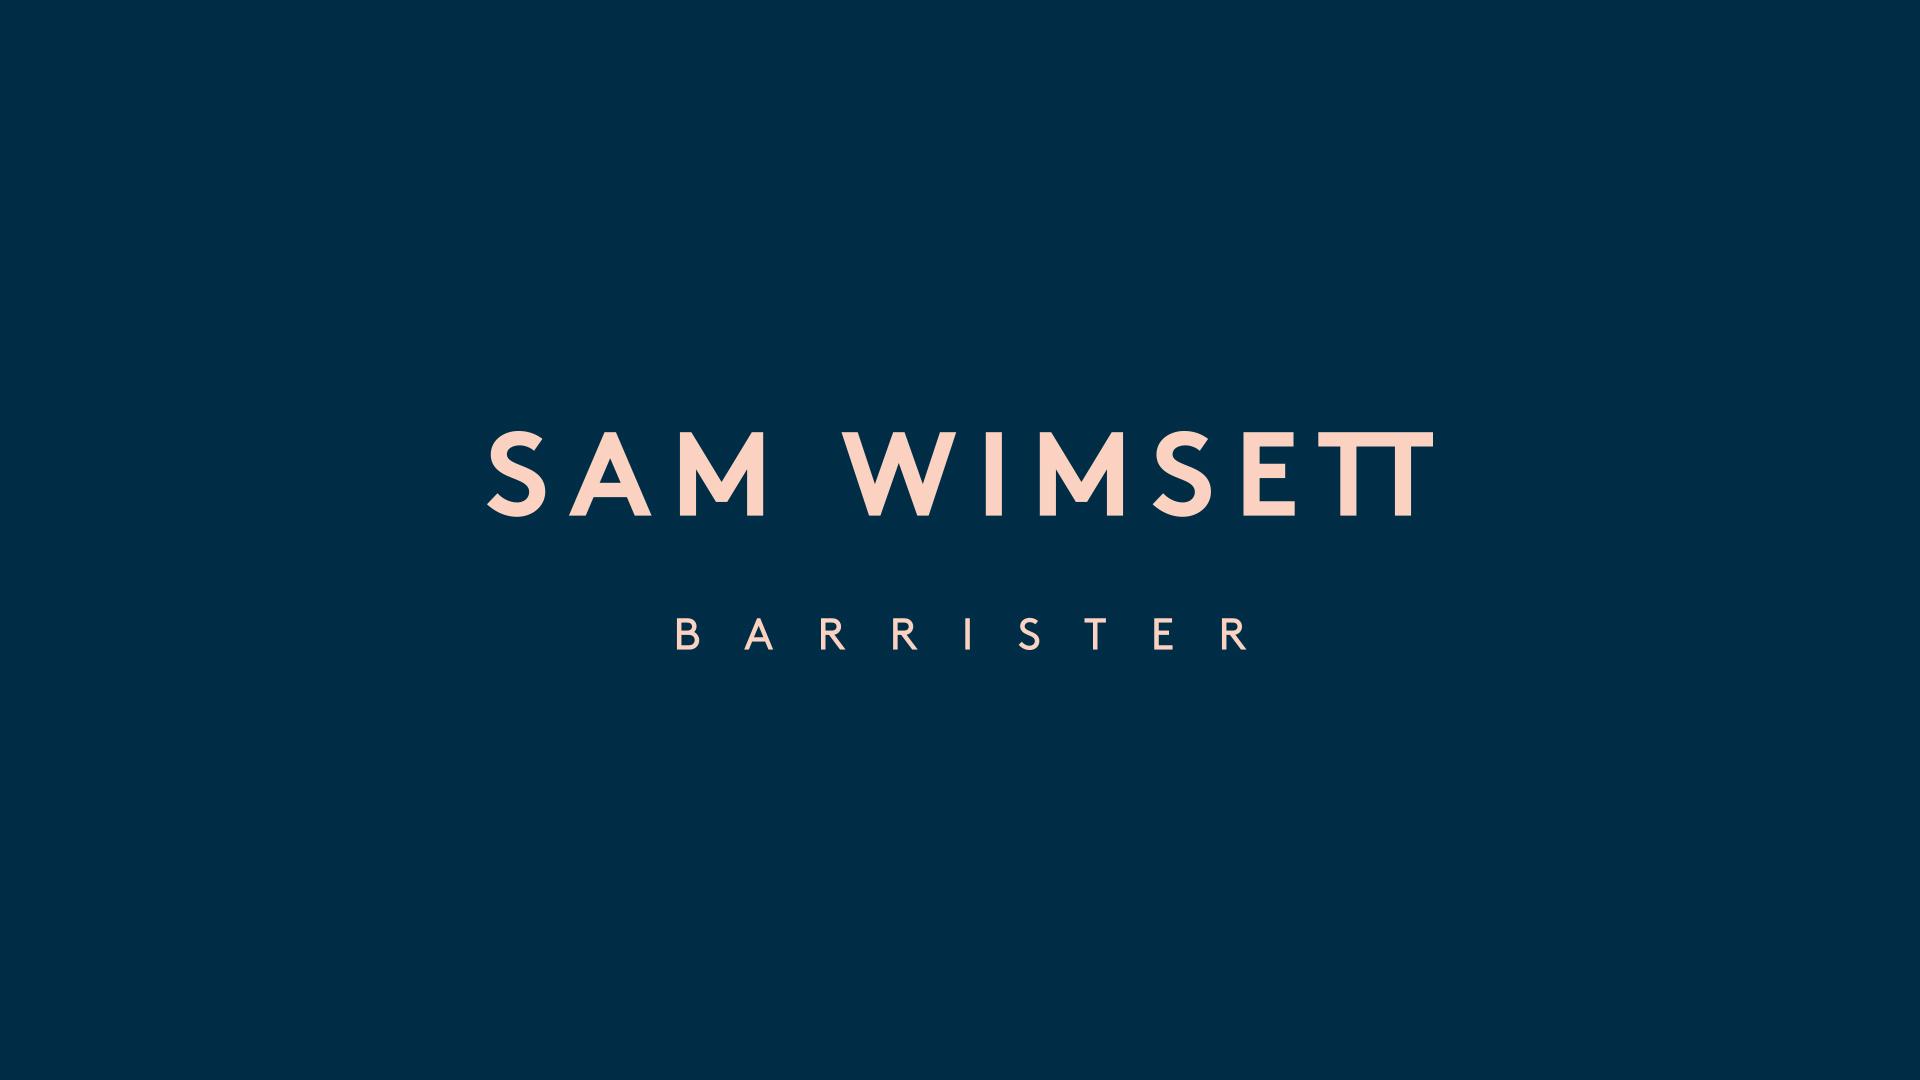 Sam Wimsett